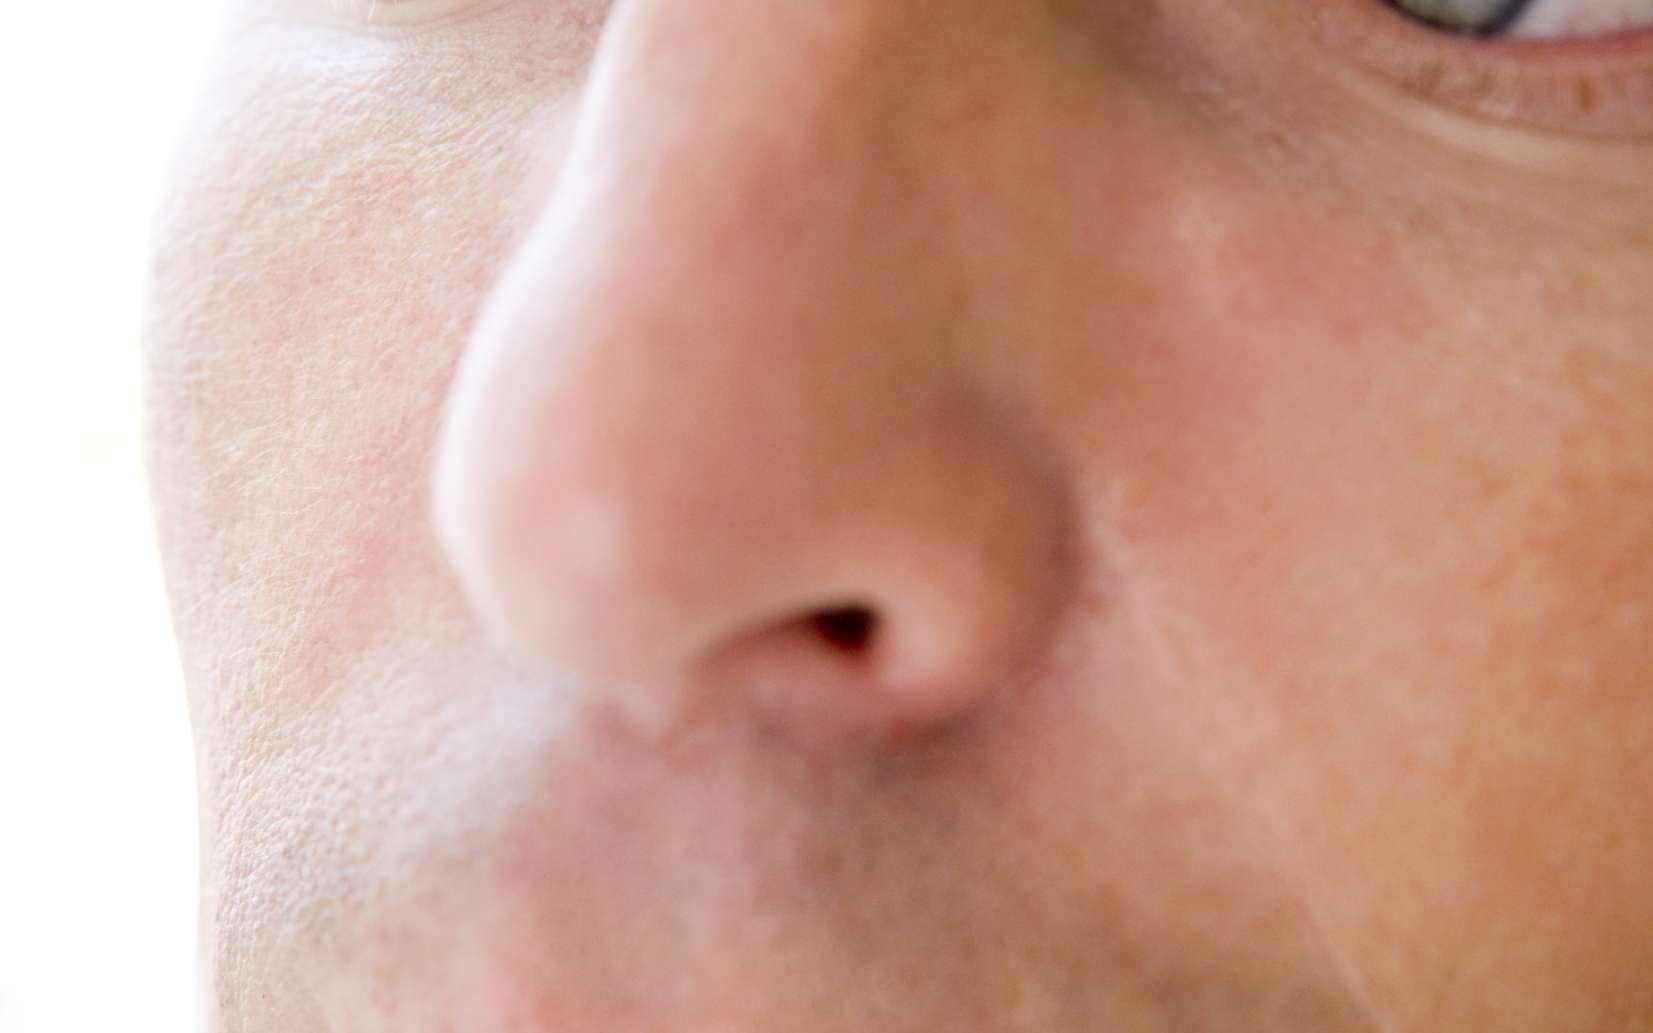 Les phobies sont des maladies névrotiques caractérisées par la peur. © Phovoir